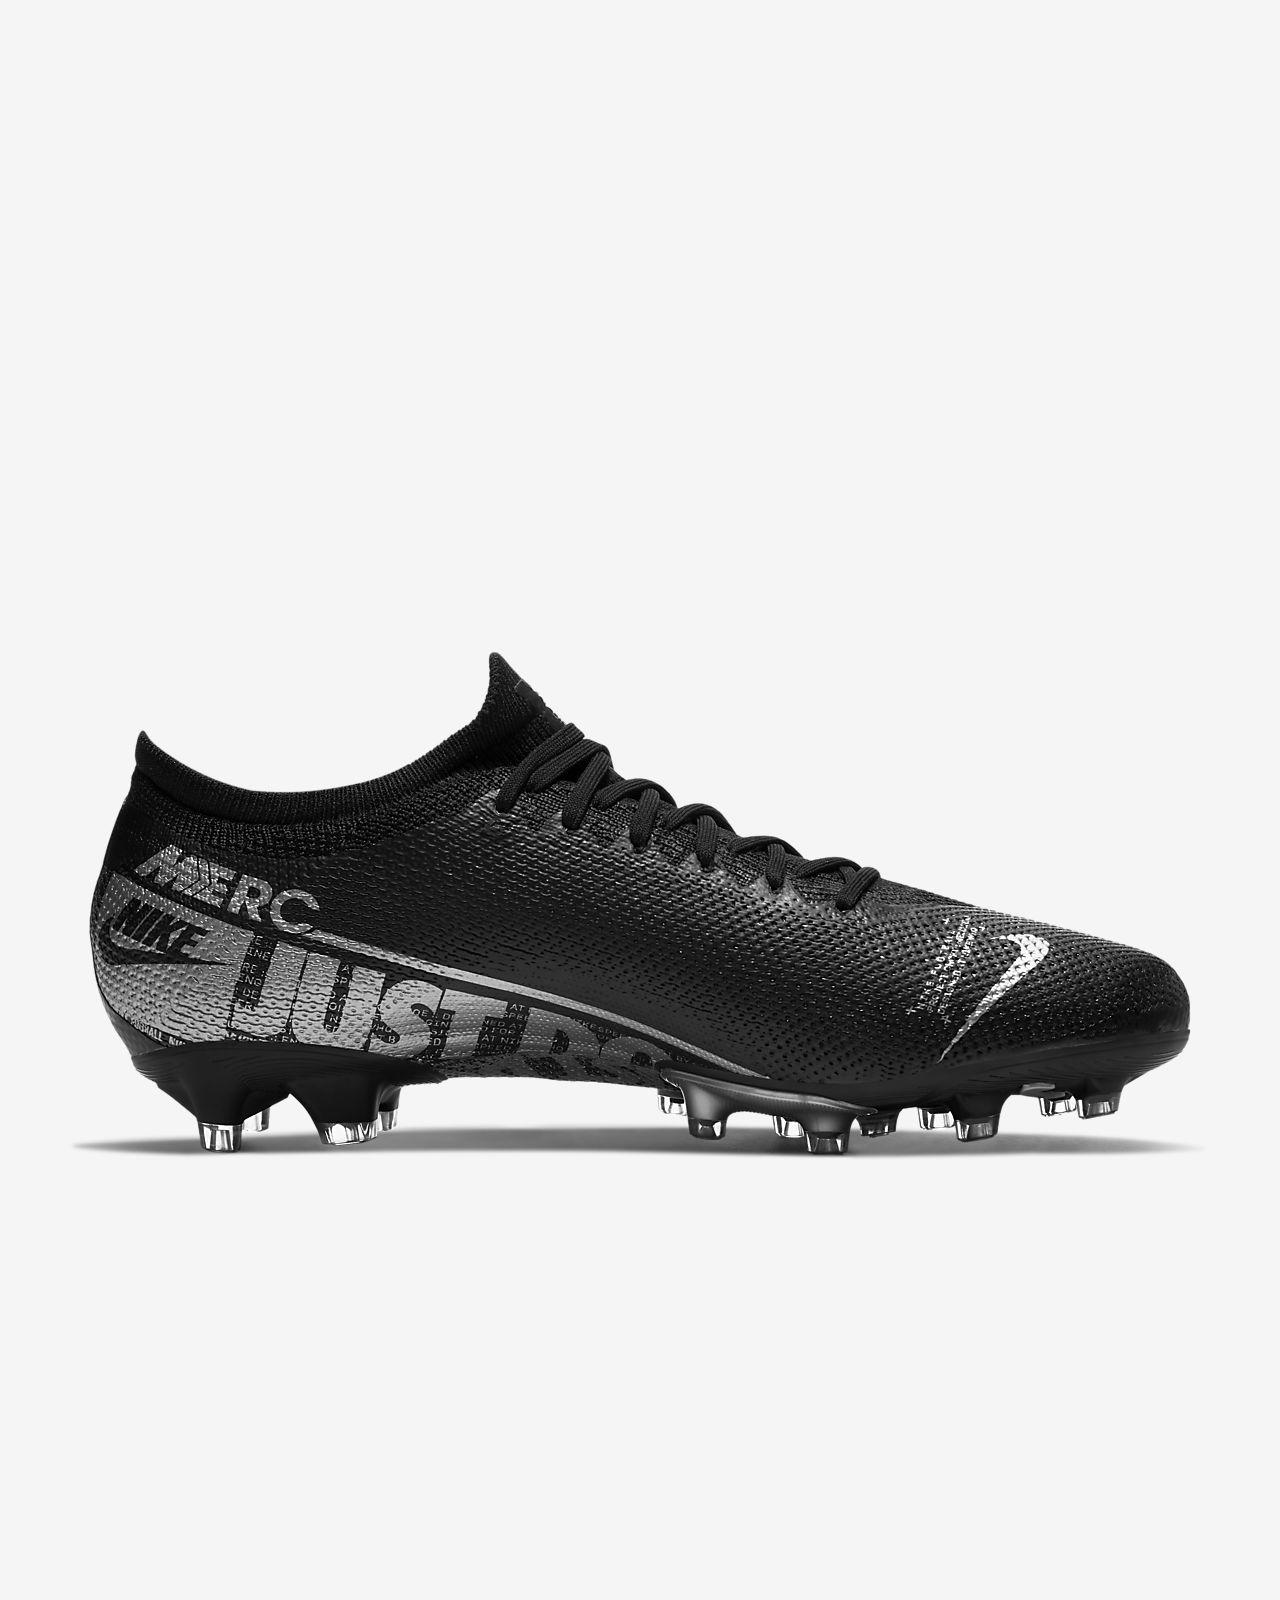 Chaussure de football à crampons pour terrain synthétique Nike Mercurial Vapor 13 Pro AG PRO